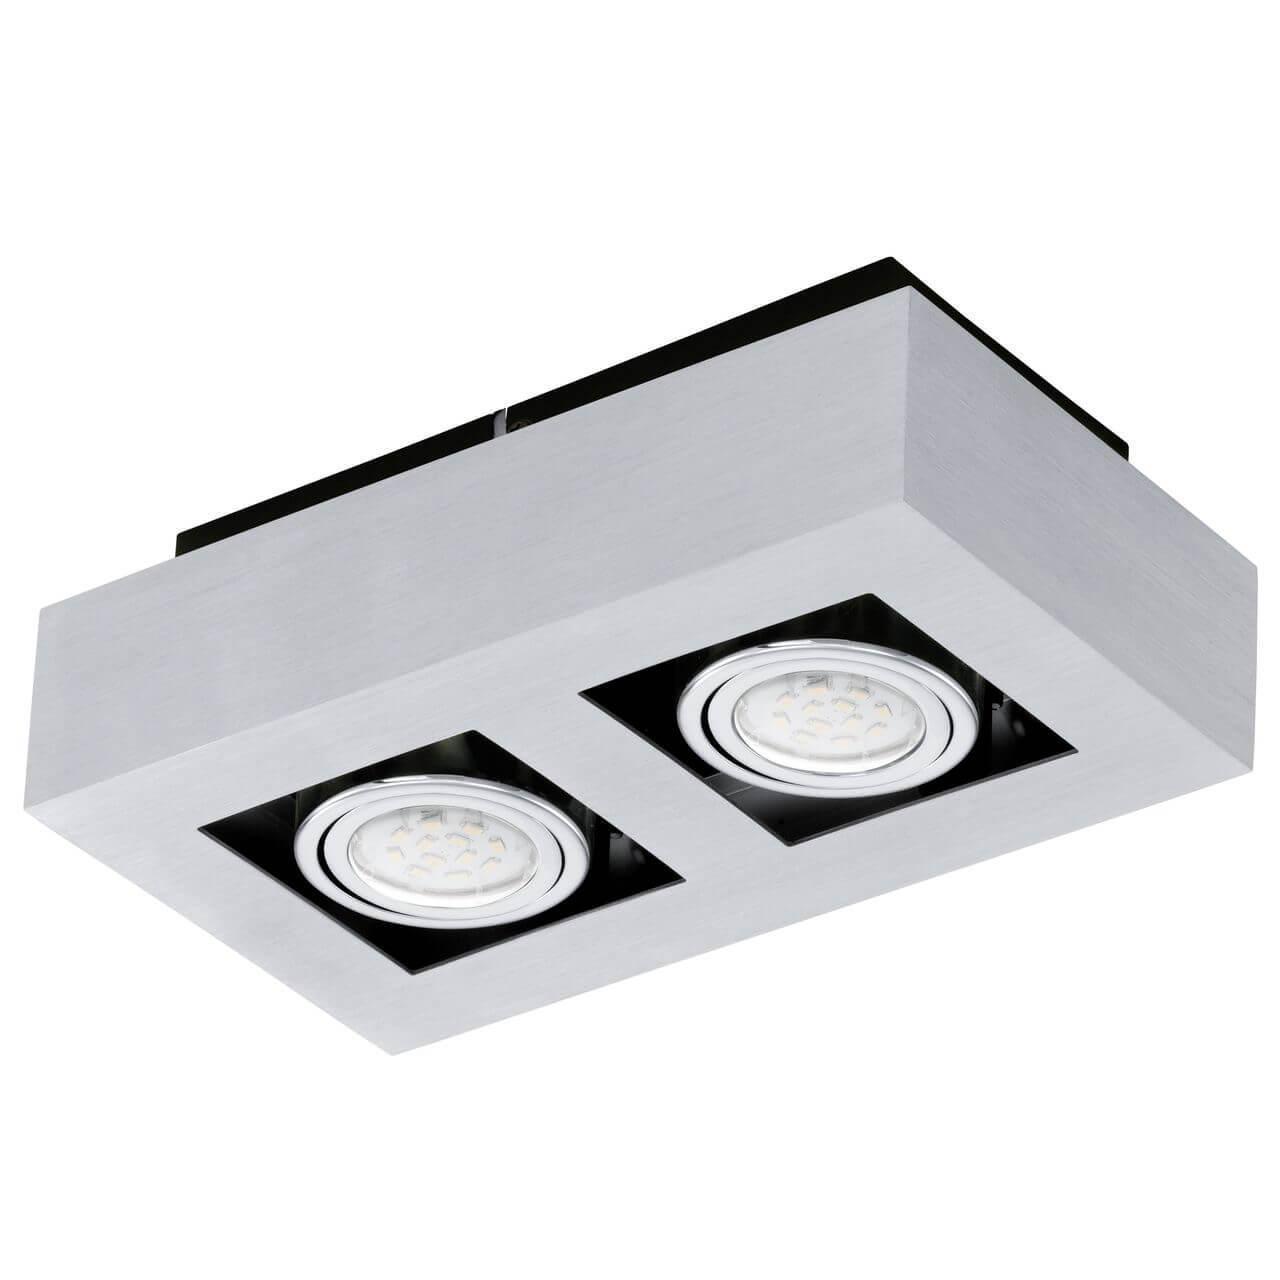 Настенно-потолочный светильник Eglo 91353, GU10, 5 Вт настенно потолочный светильник silverlight verbena 836 50 5